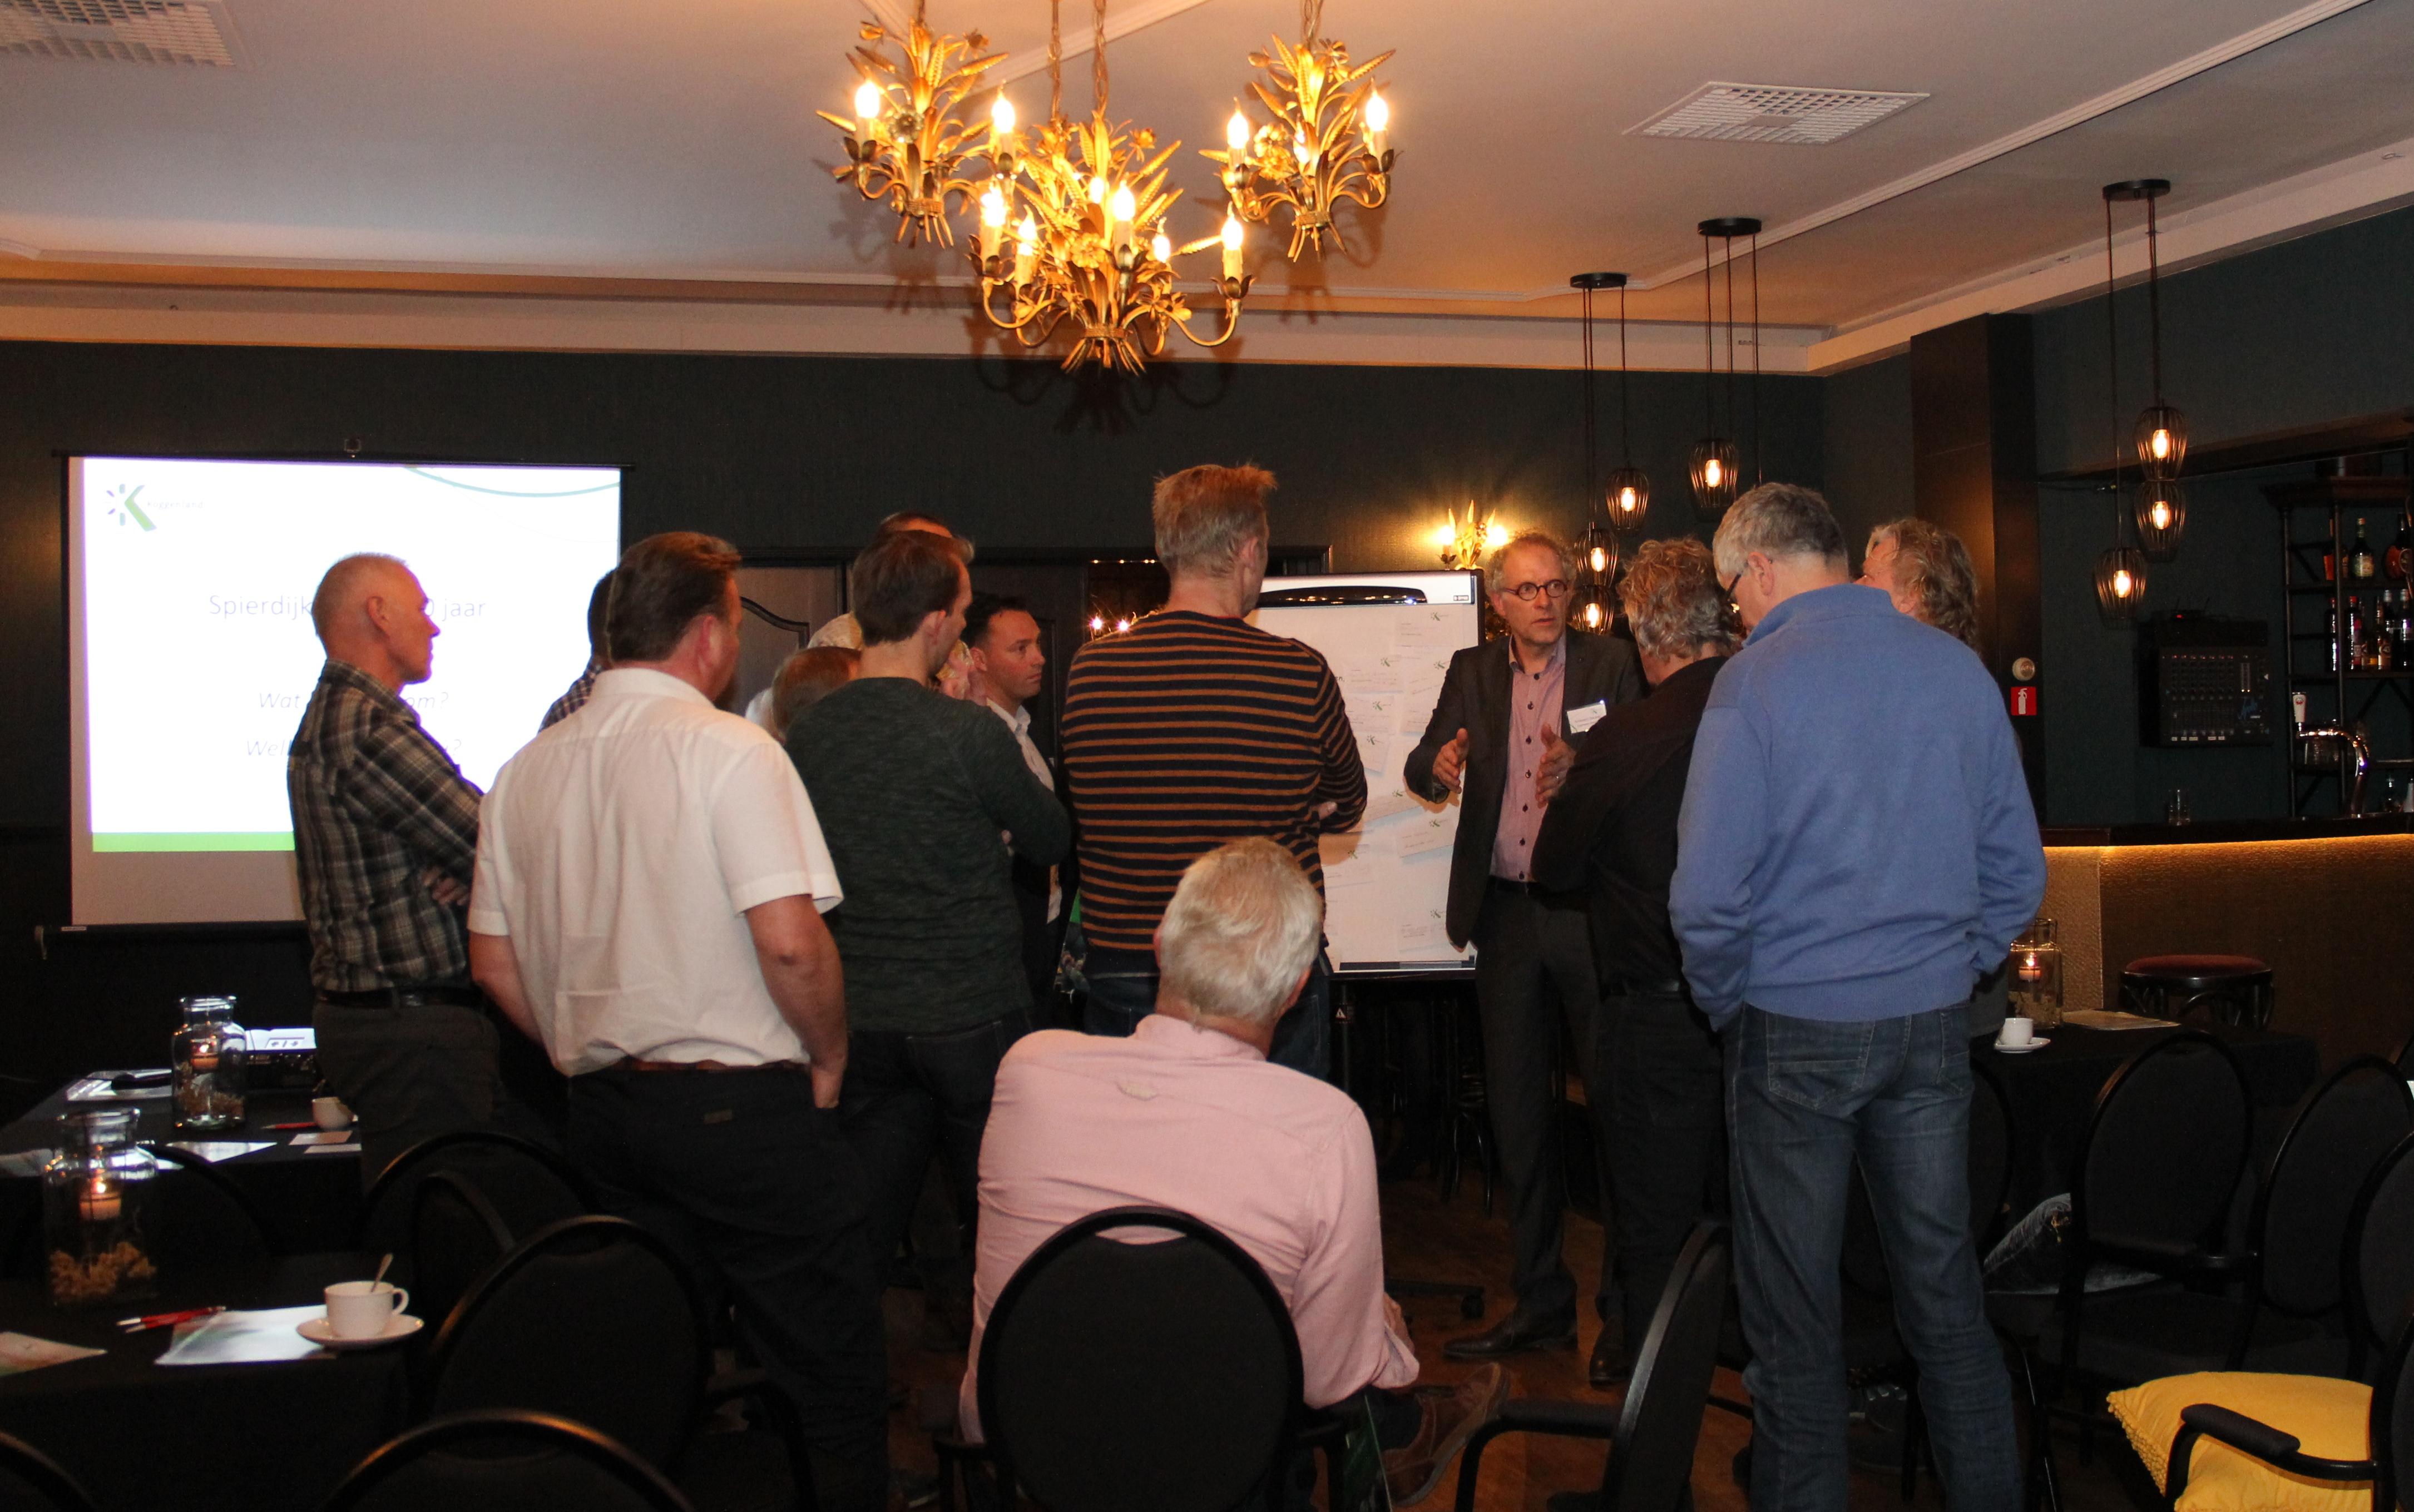 Een aantal aanwezige inwoners van Spierdijk in gesprek met gemeentesecretaris Answerd Beuker. (Foto: gemeente Koggenland)